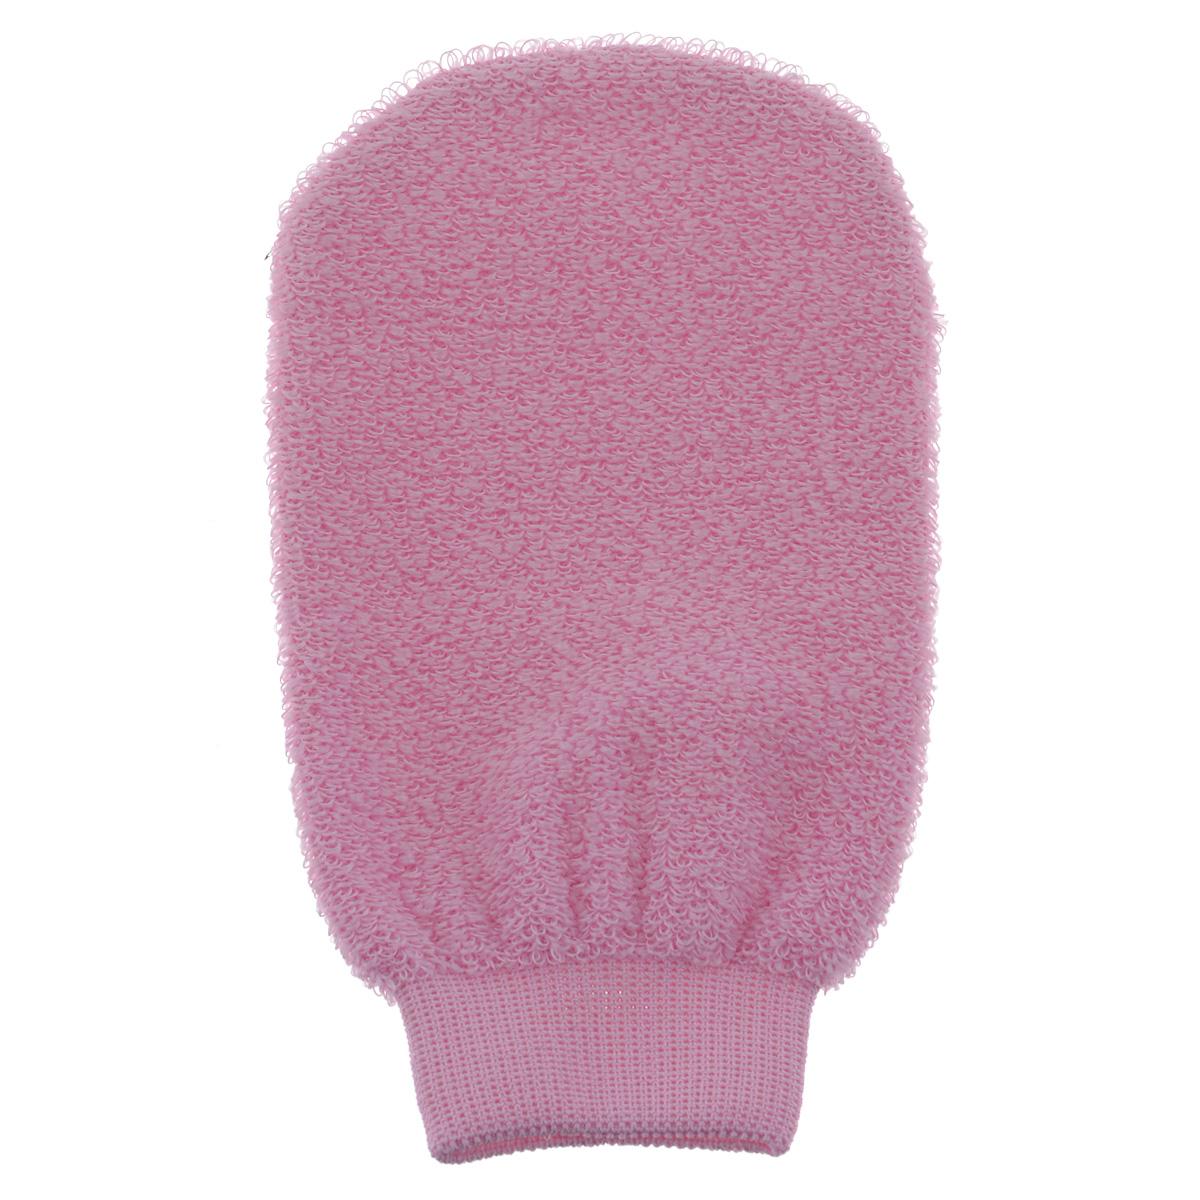 Мочалка-рукавица для лица Riffi, розовый900_розовыйМочалка-рукавица Riffi деликатно ухаживает за кожей лица, обладает активным отличным пилинговым действием, тонизируя, массируя и эффективно очищая вашу кожу. Слегка влажной рукавицей можно очищать лицо от макияжа даже без применения косметических средств. Рукавица не только эффективно чистит самые глубокие поры, но и делает мягкий деликатный массаж. Стимулирует кровообращение, обеспечивает омолаживающий эффект. Особая мягкость мочалки позволяет использовать ее для самой нежной и чувствительной кожи.